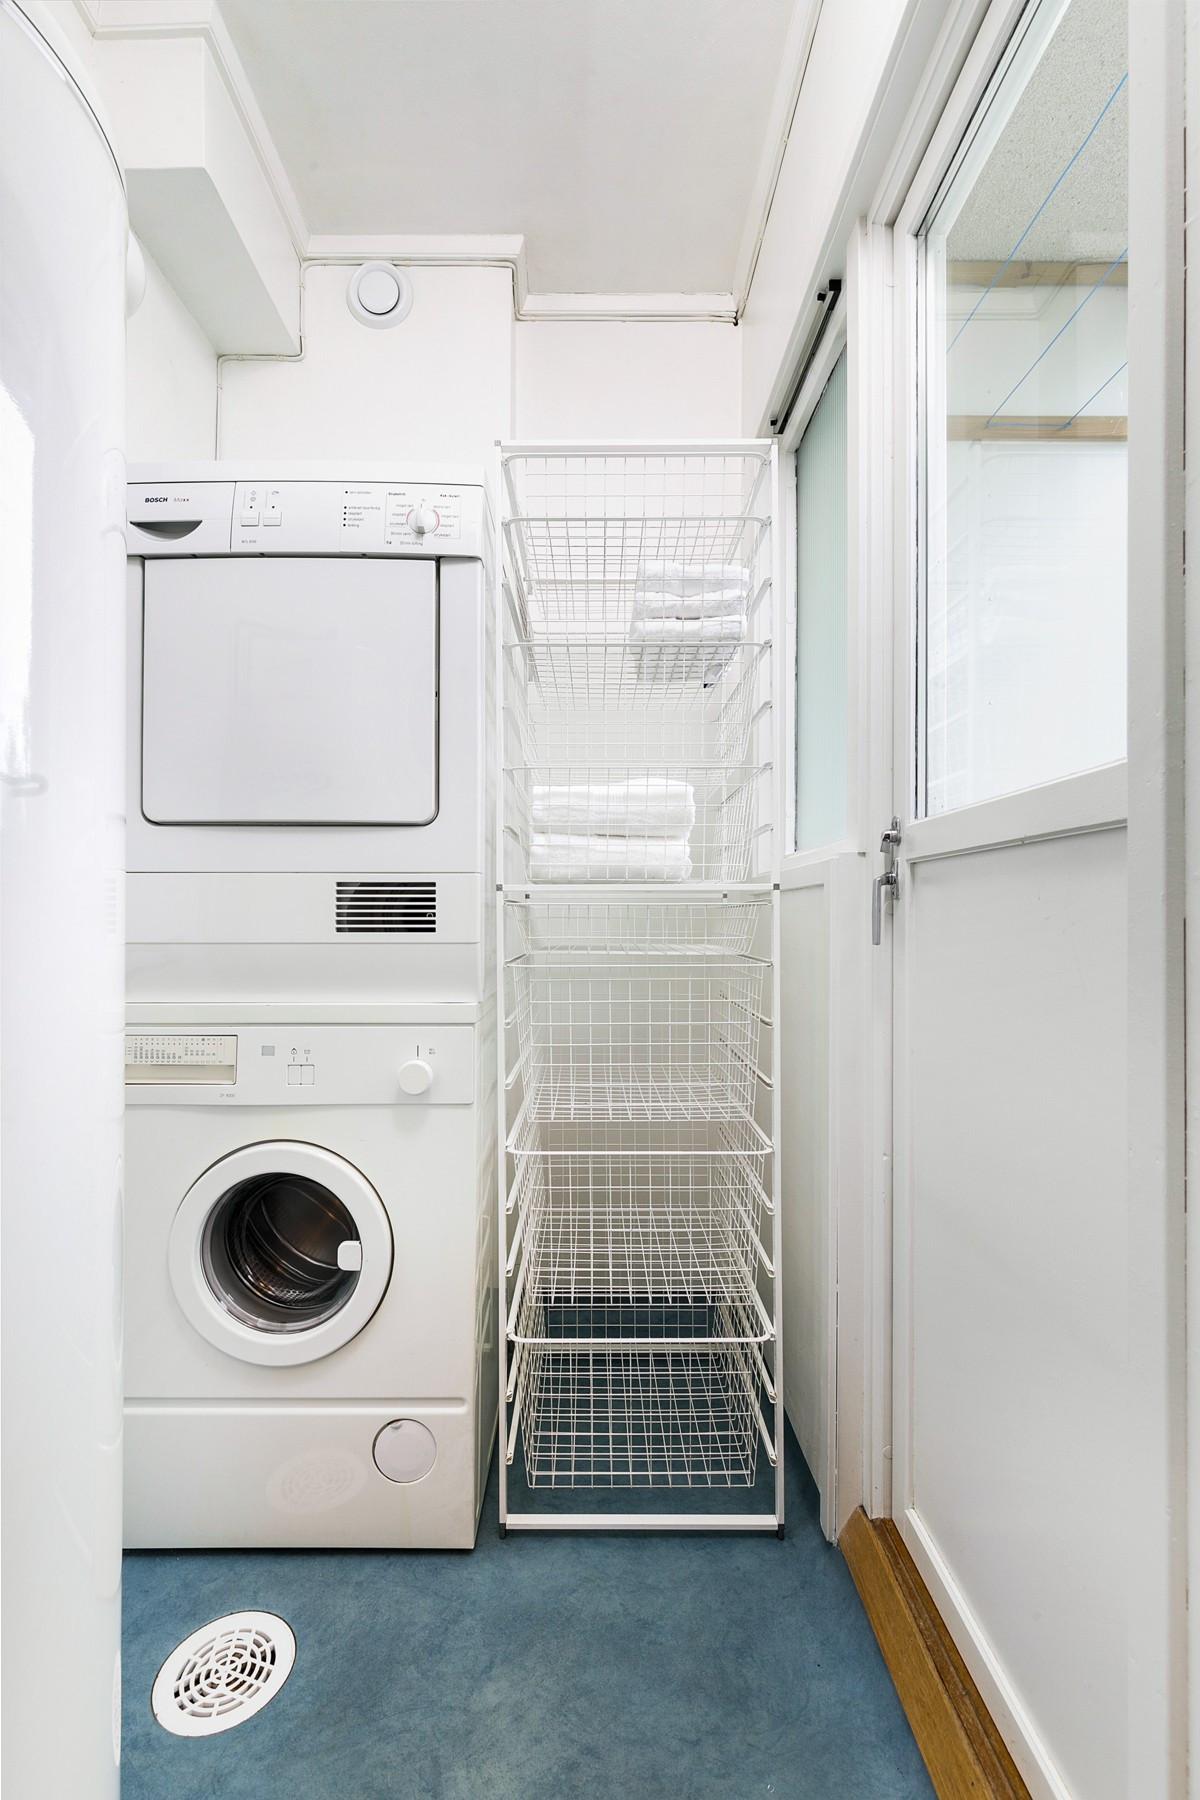 Eget vaskerom innenfor kjøkken med tilhørende luftebalkong mot nord